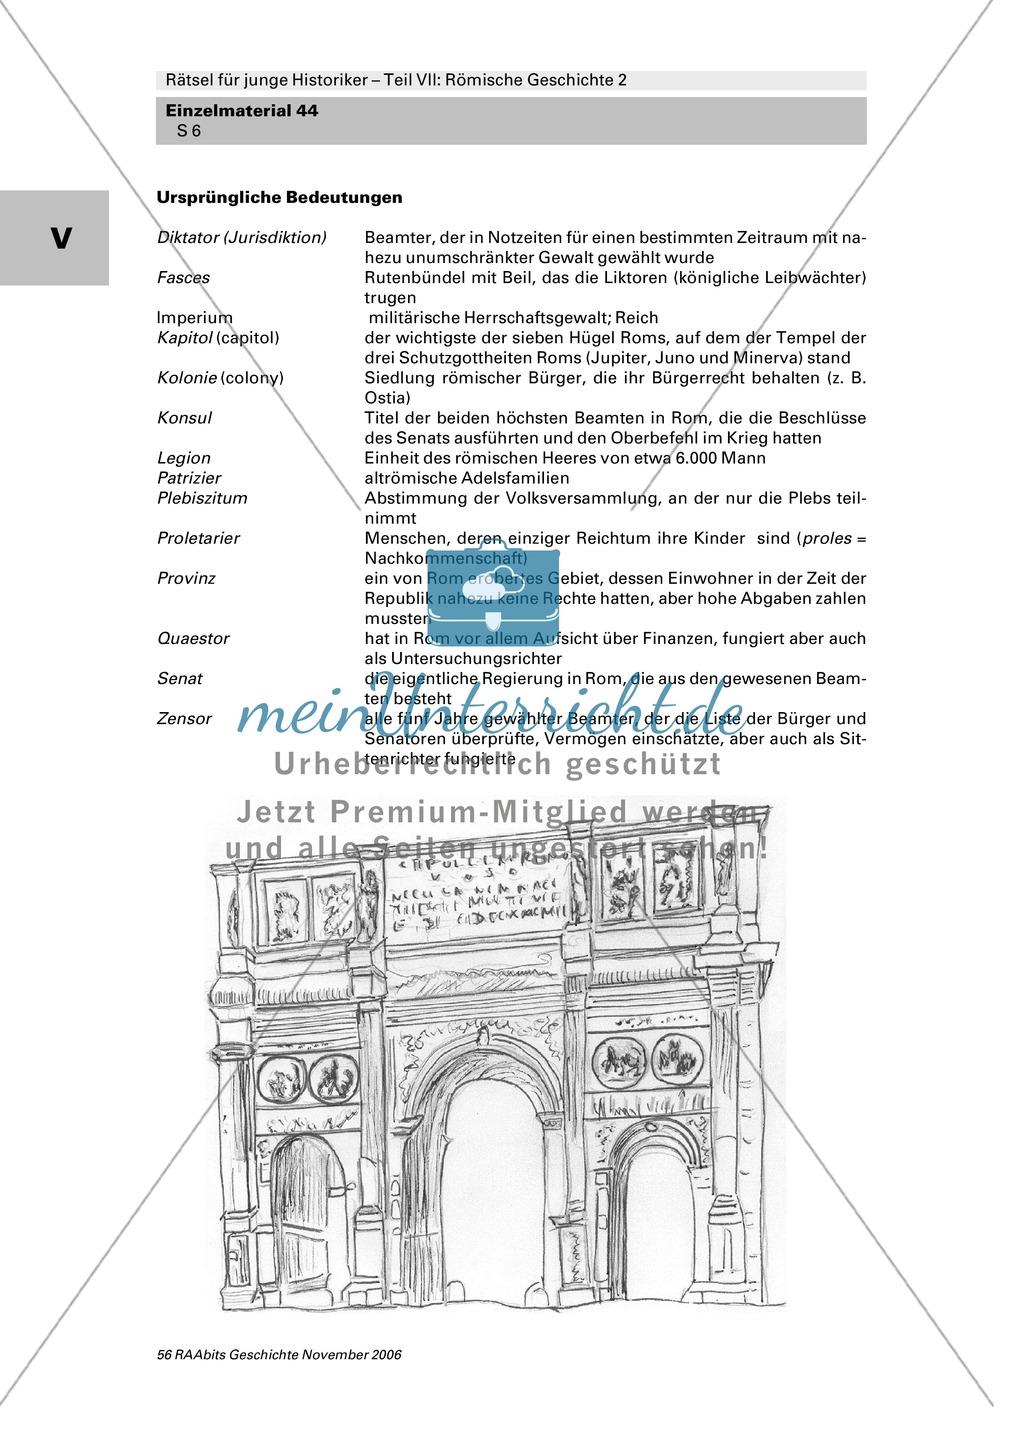 Römische Geschichte: Rätsel zur röm. Politik mit Bezug auf entlehnte Wörter in der Gegenwart Preview 1